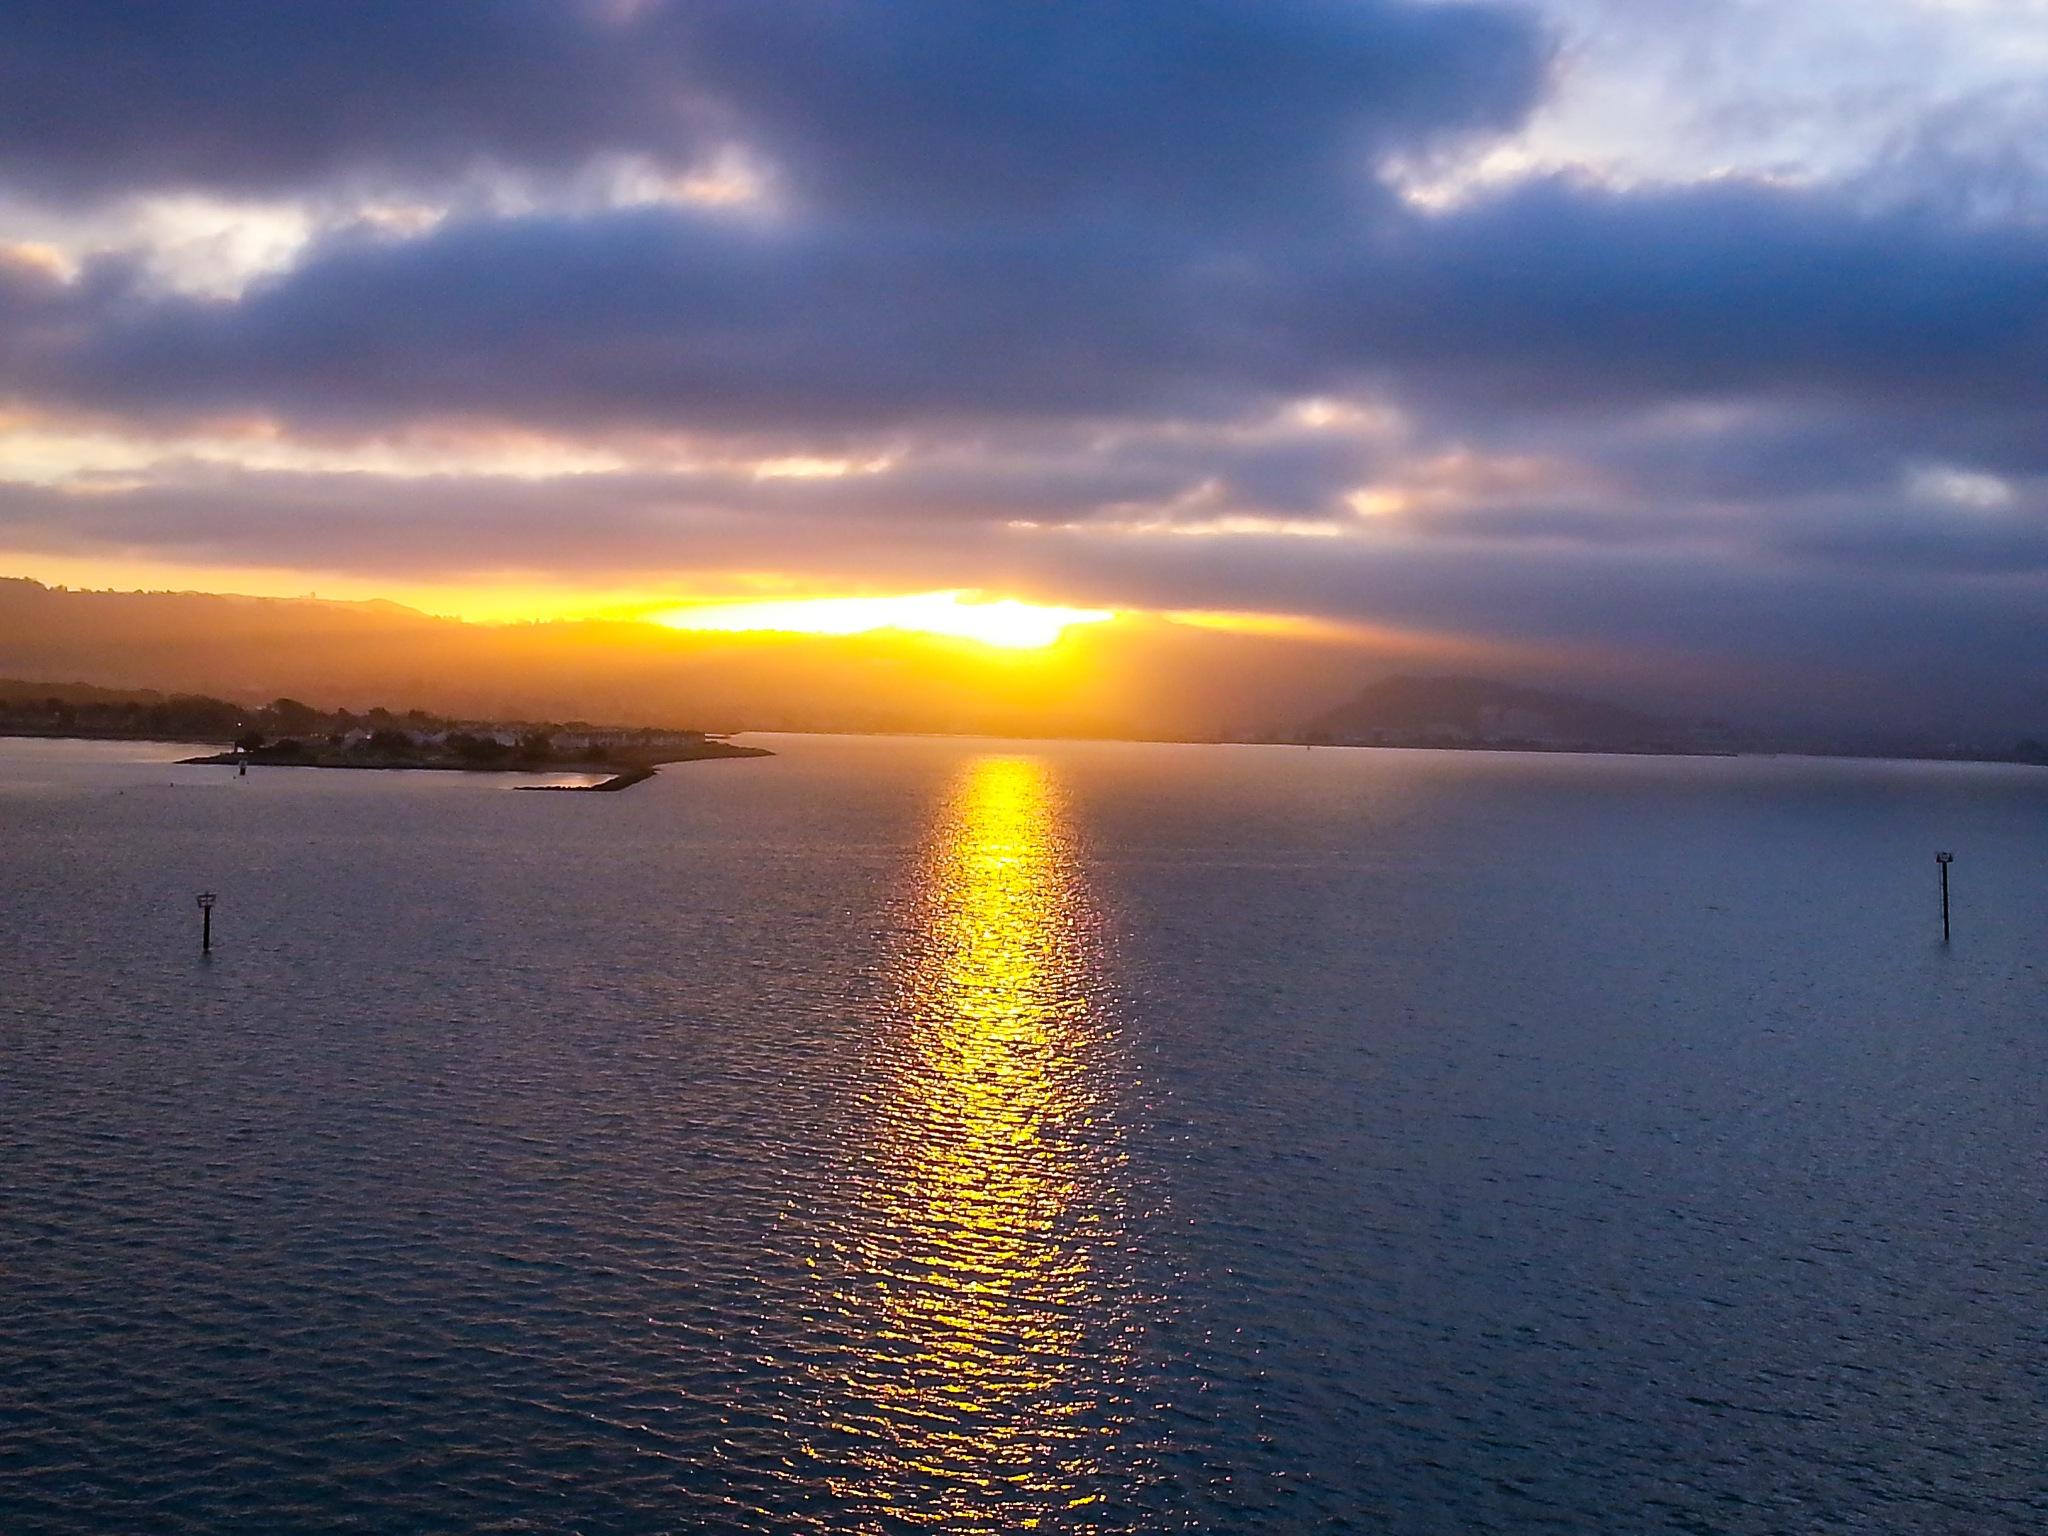 Sunrise by SIDDHESH